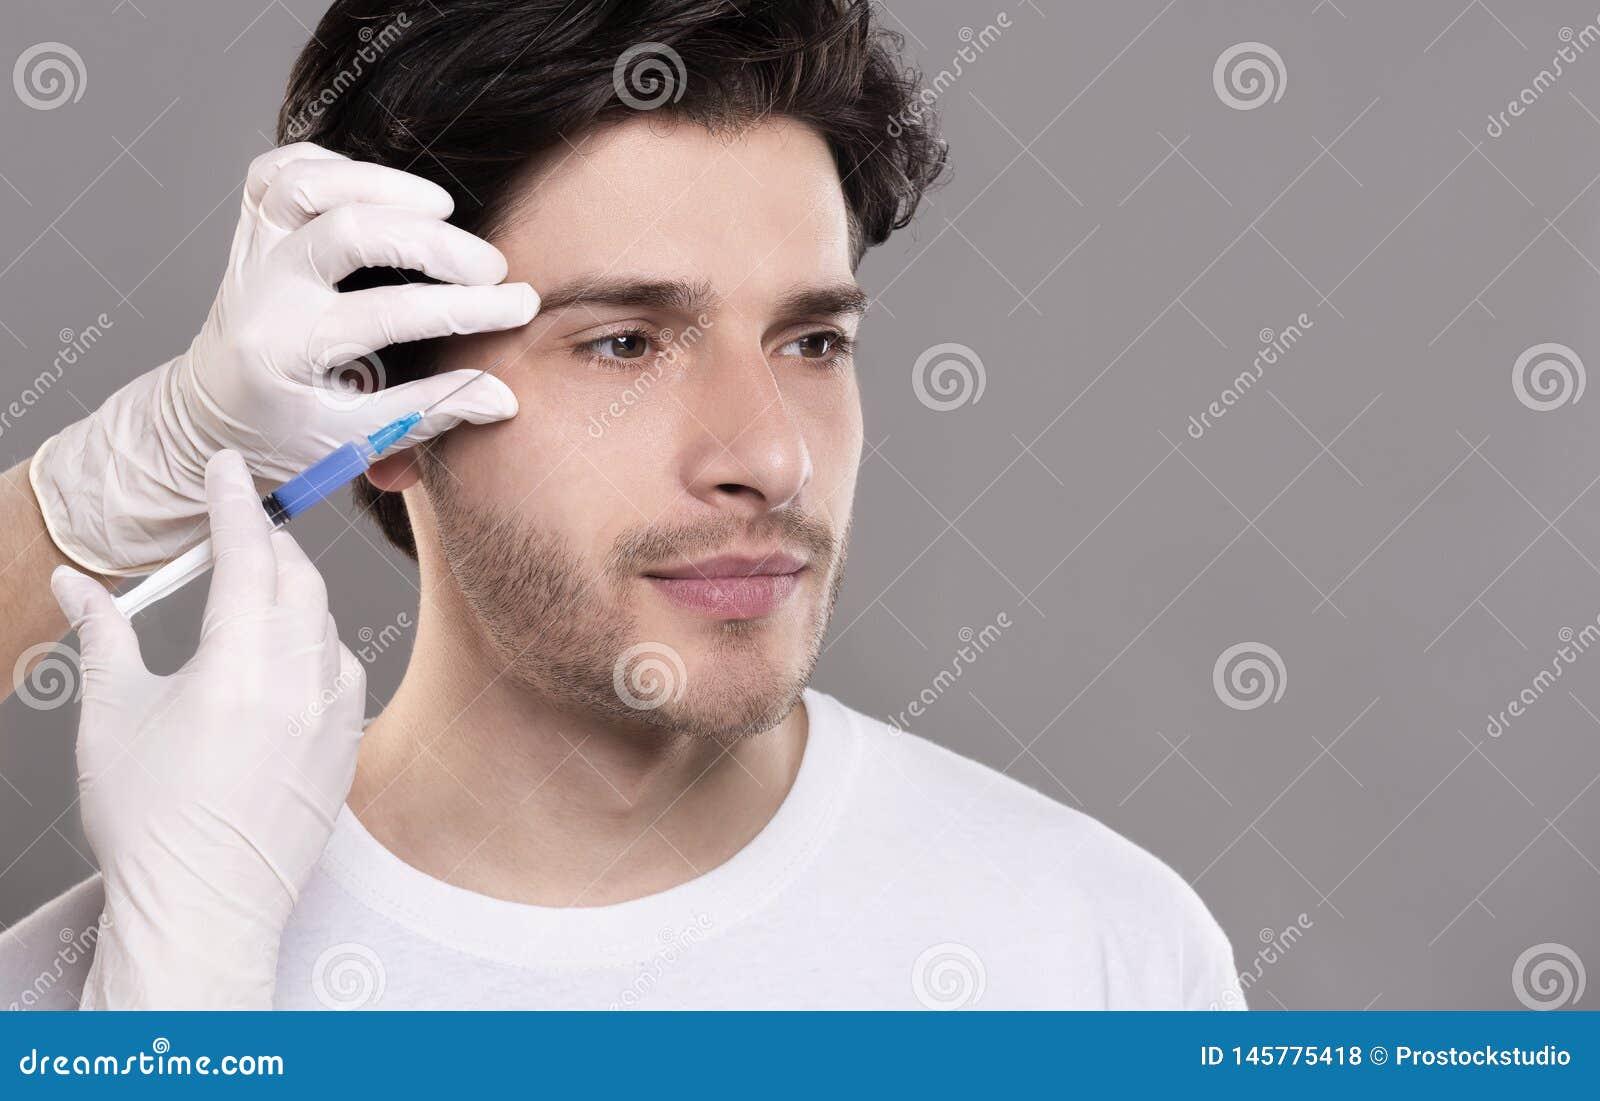 Χιλιετής τύπος που παίρνει την πλήρωση χειρουργικών επεμβάσεων των του προσώπου ρυτίδων